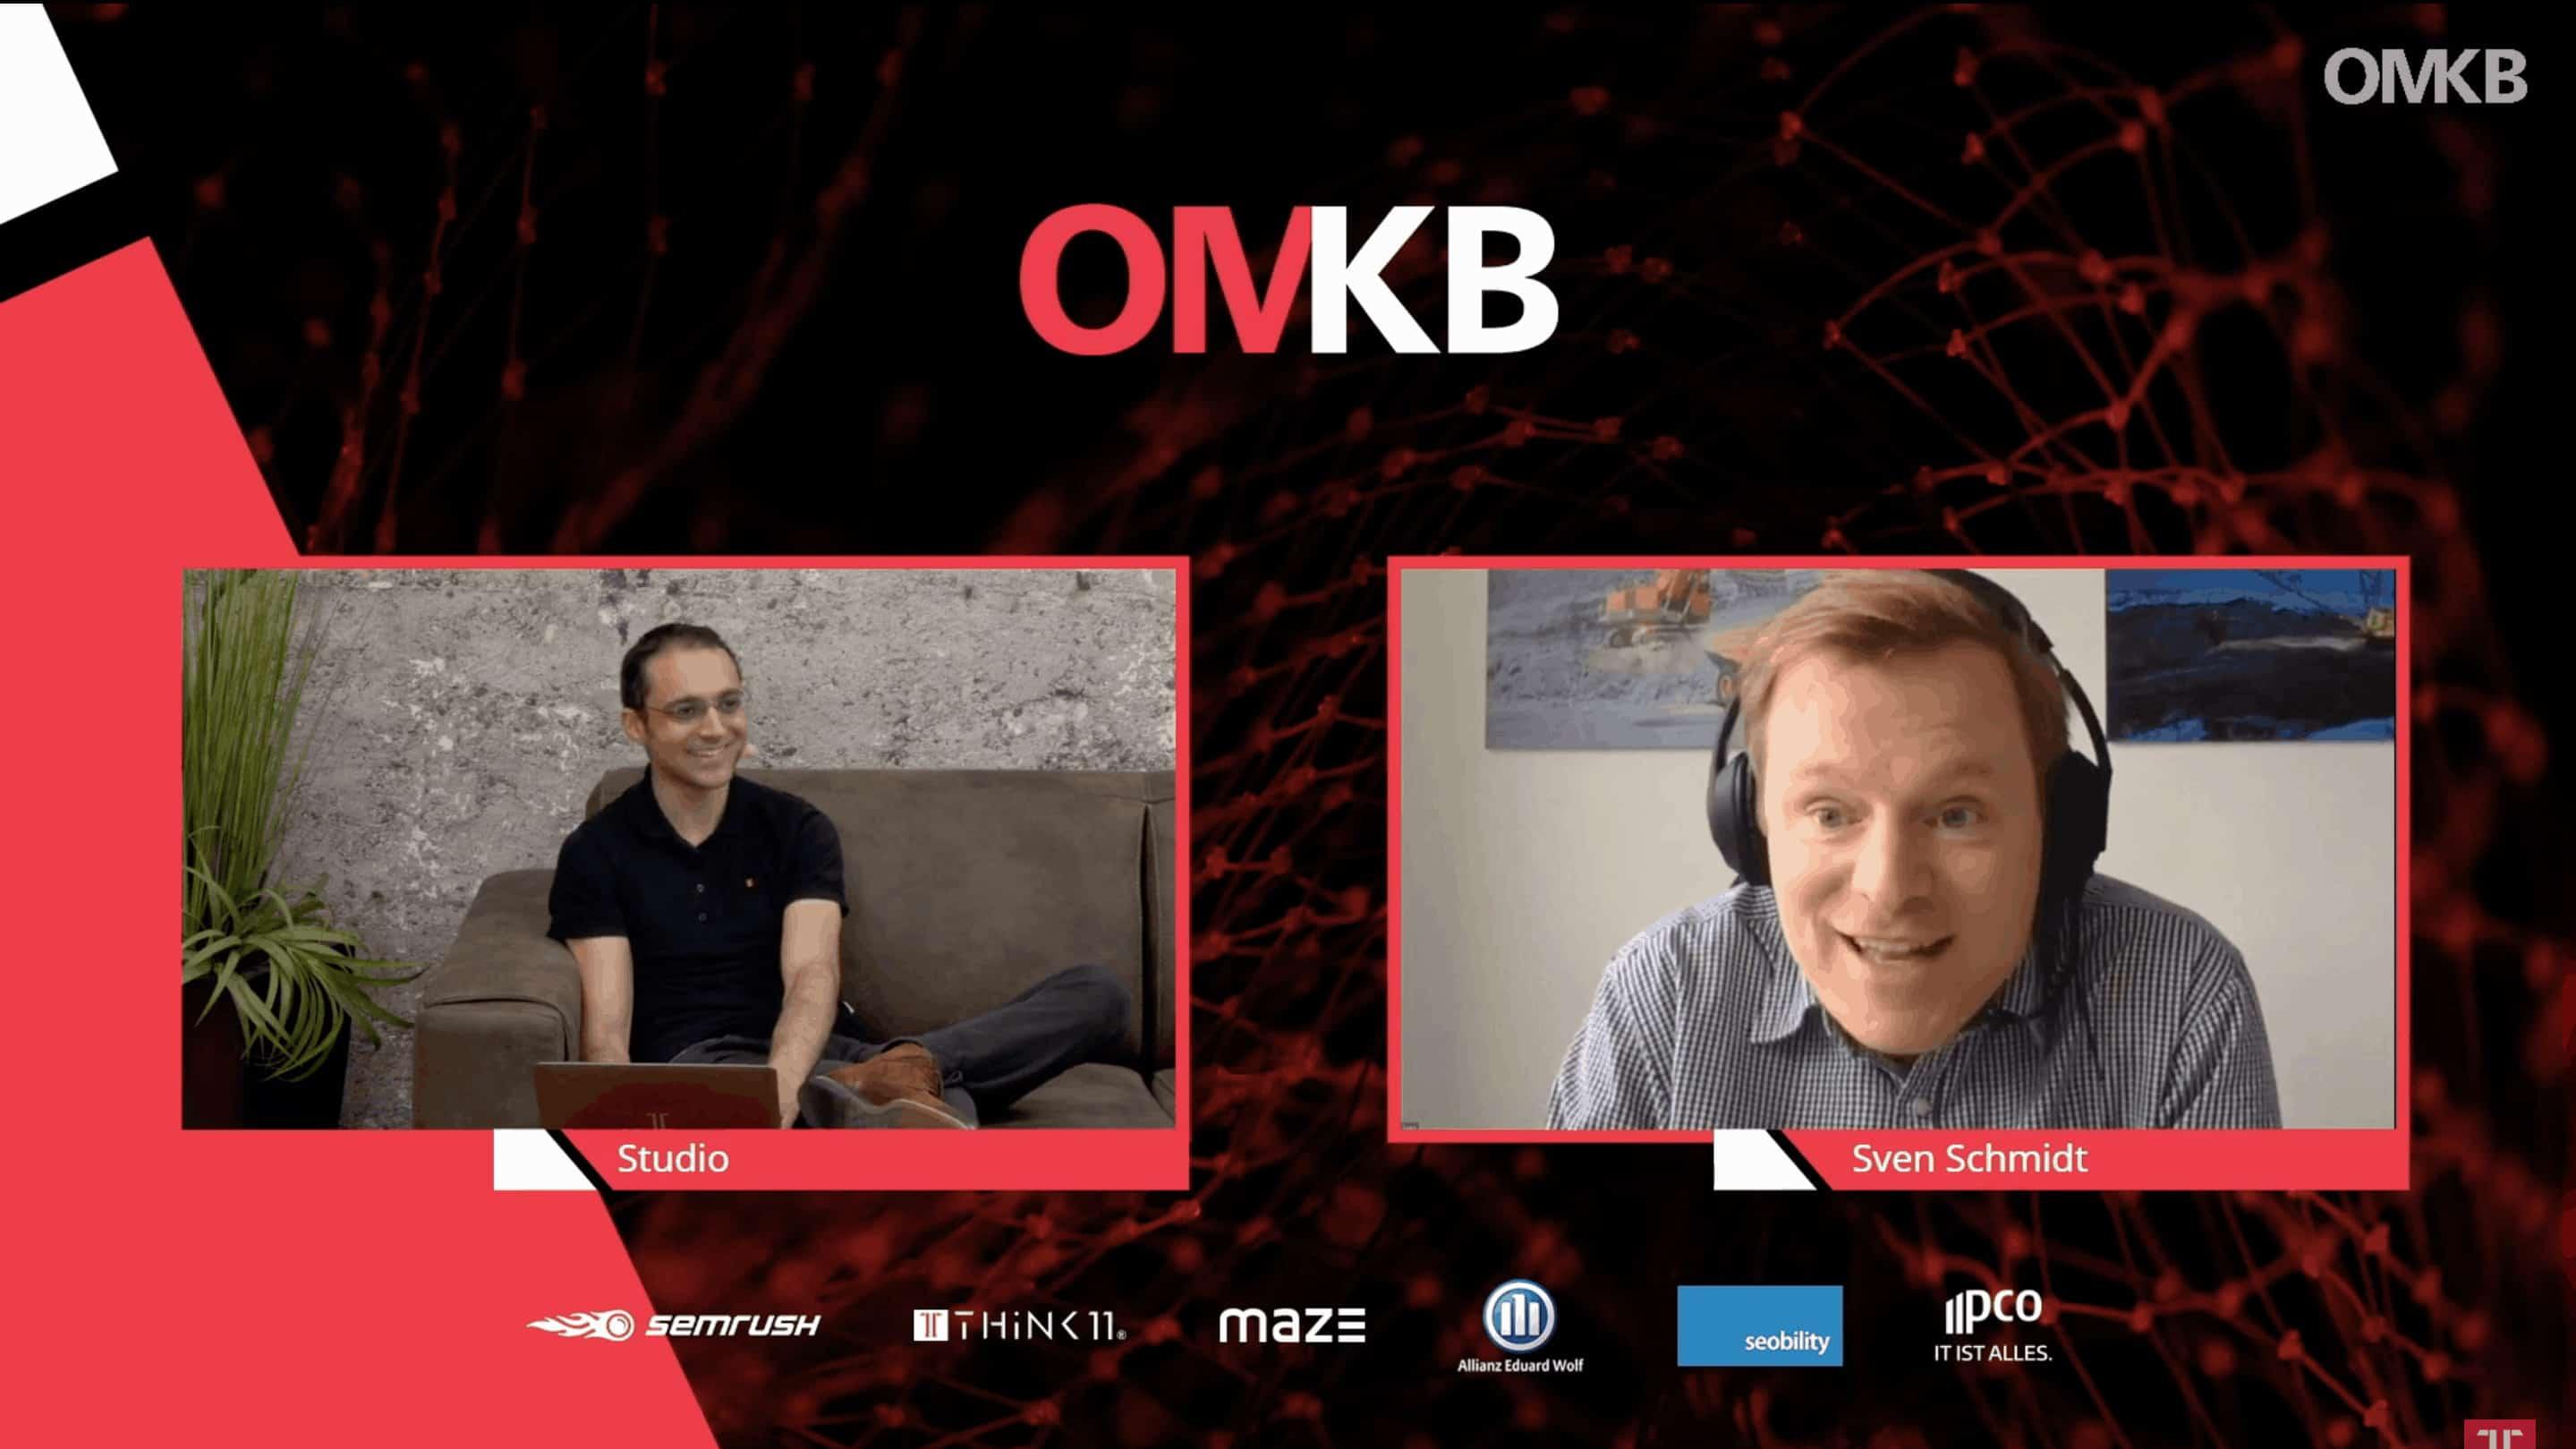 Sven Schmidt bei der OMKB im Oktober 2020